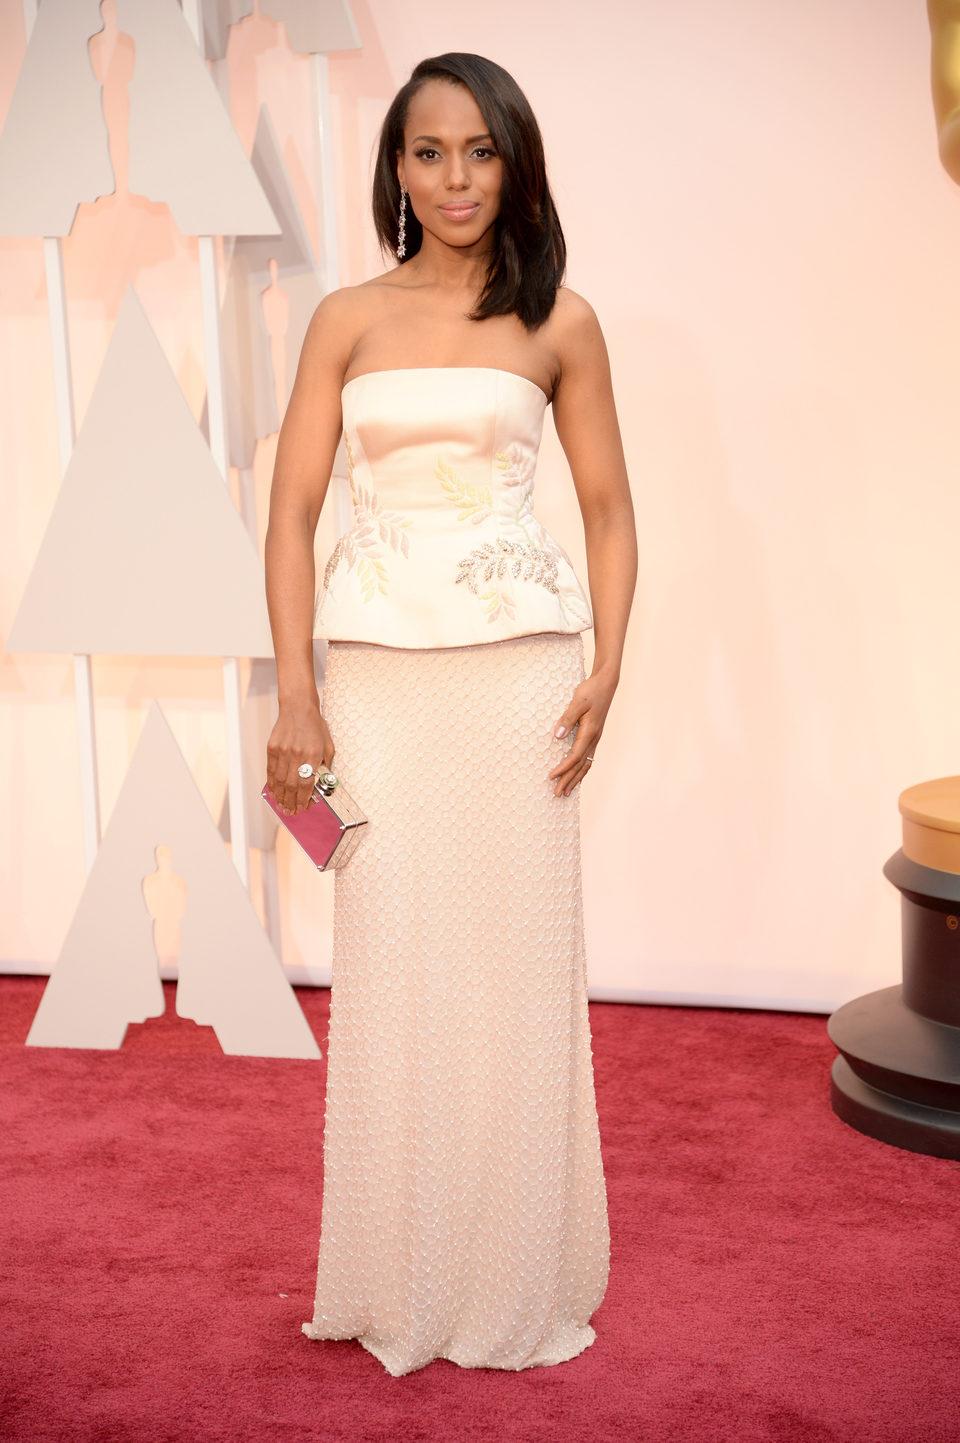 Kerry Washington en la alfombra roja de los premios Oscar 2015